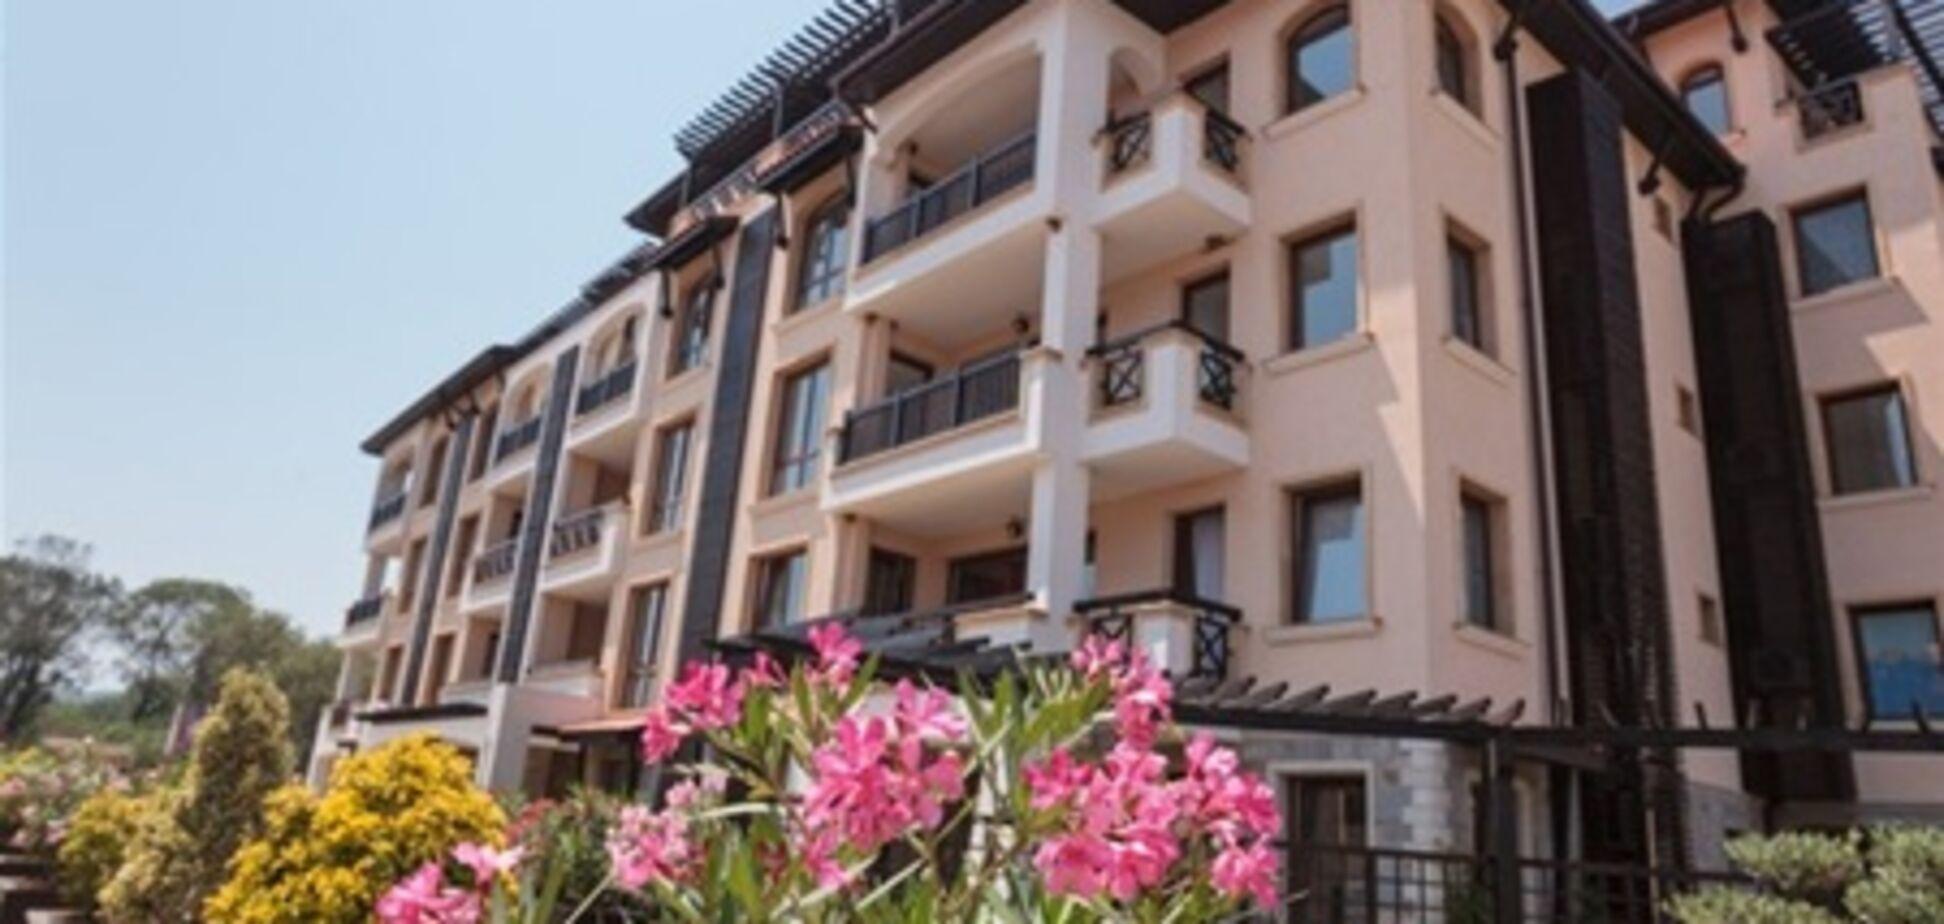 Украинцы скупают жилье на курортах Болгарии